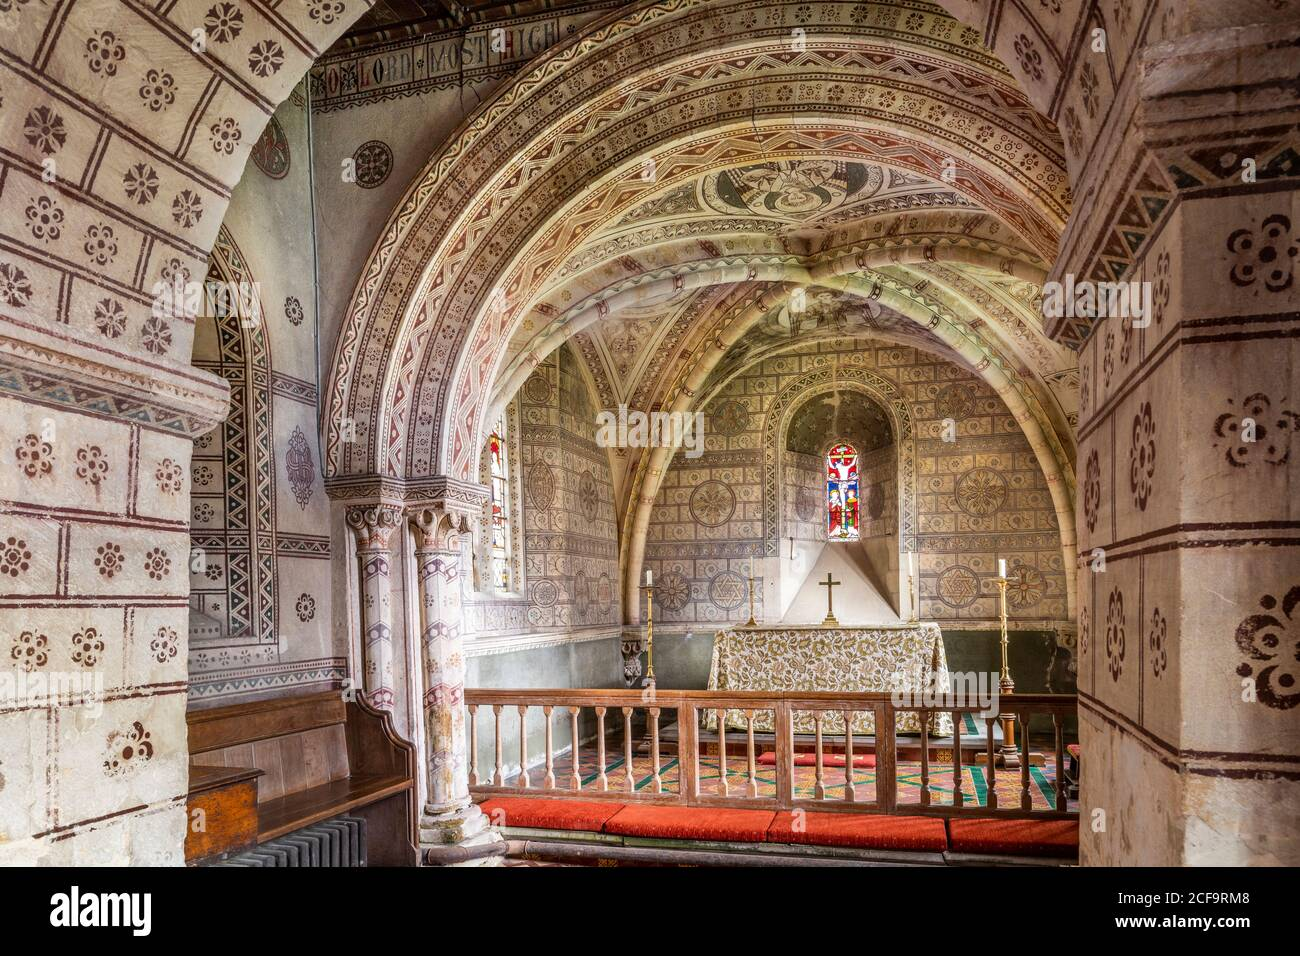 La iglesia normanda de San Jorge en el pueblo Cotswold de Hampnet mostrando el coro del siglo 12 decorado en la década de 1870 por el vicario en ese momento. Foto de stock